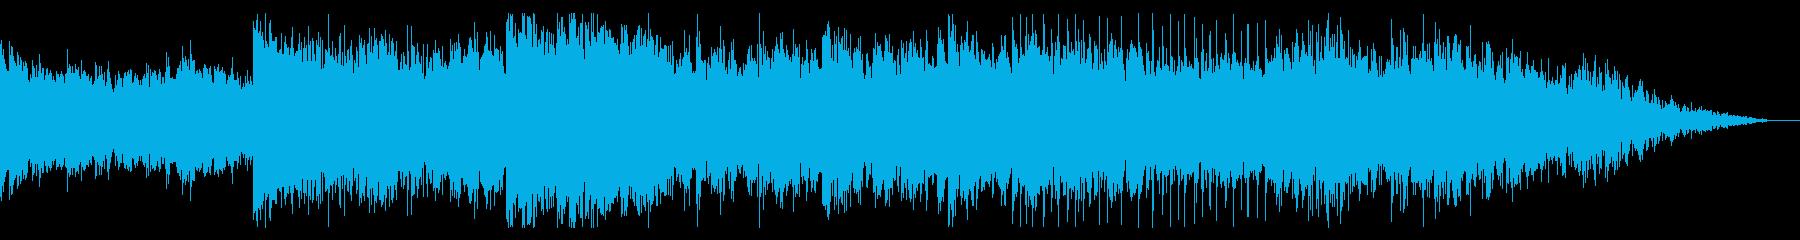 オーガニックでグリッジなアンビエントの再生済みの波形